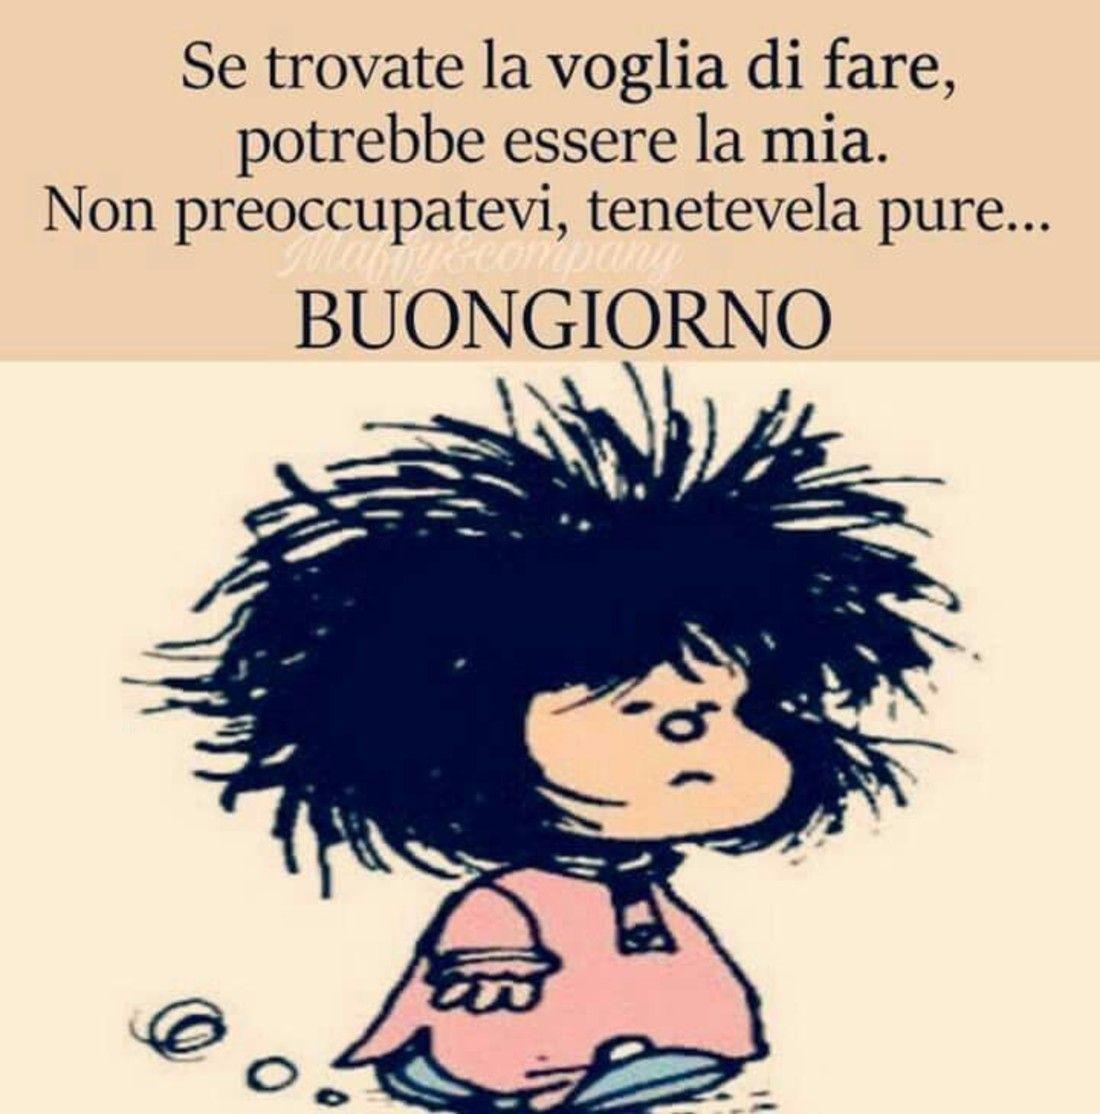 Immagini Buongiorno Mafalda 2 Mafalda Buongiorno